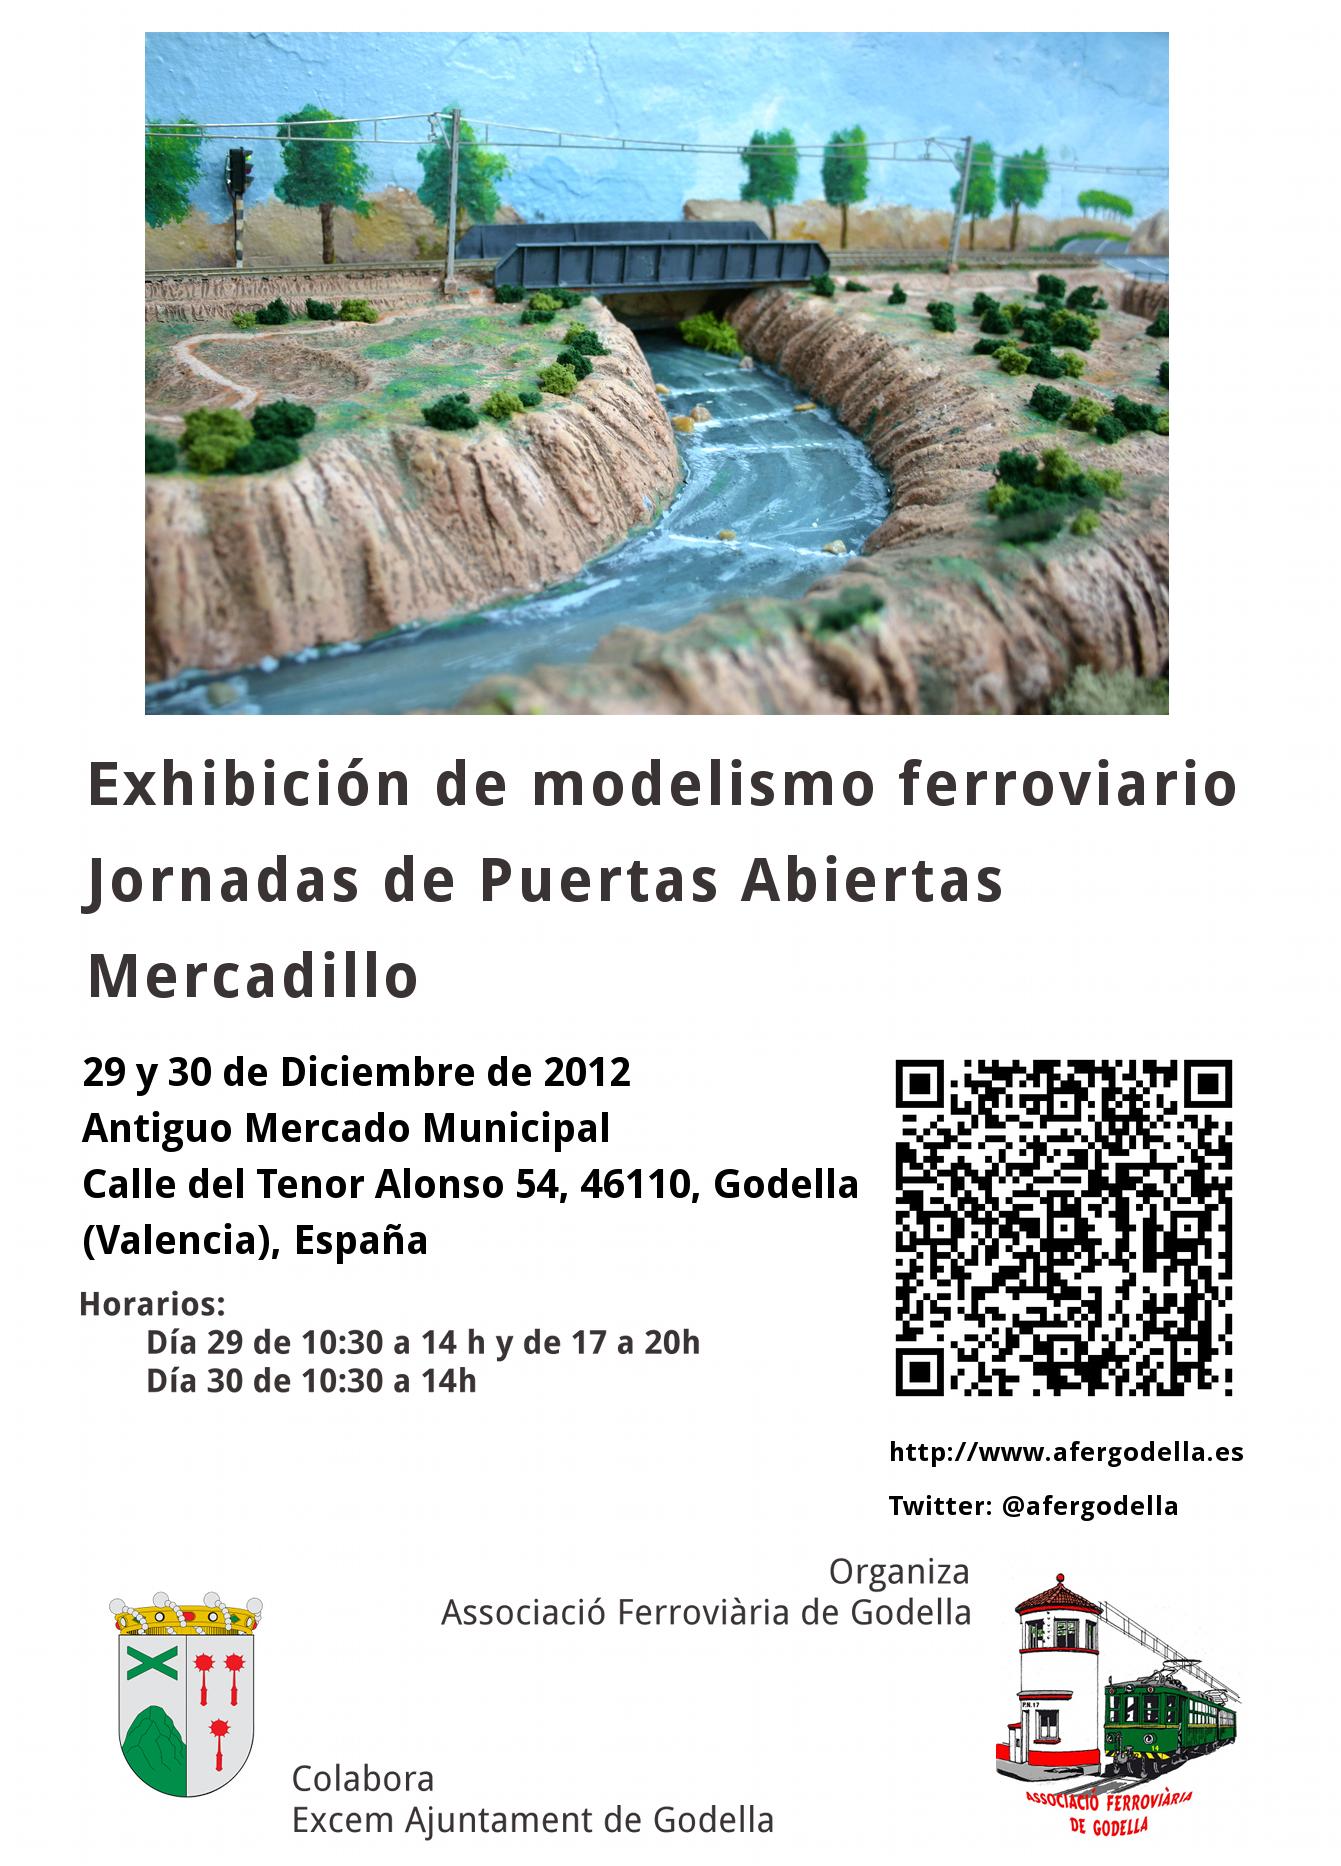 Associació Ferroviària de Godella  - Exhibición y Mercadillo de Modelismo Ferroviario diciembre de 2012